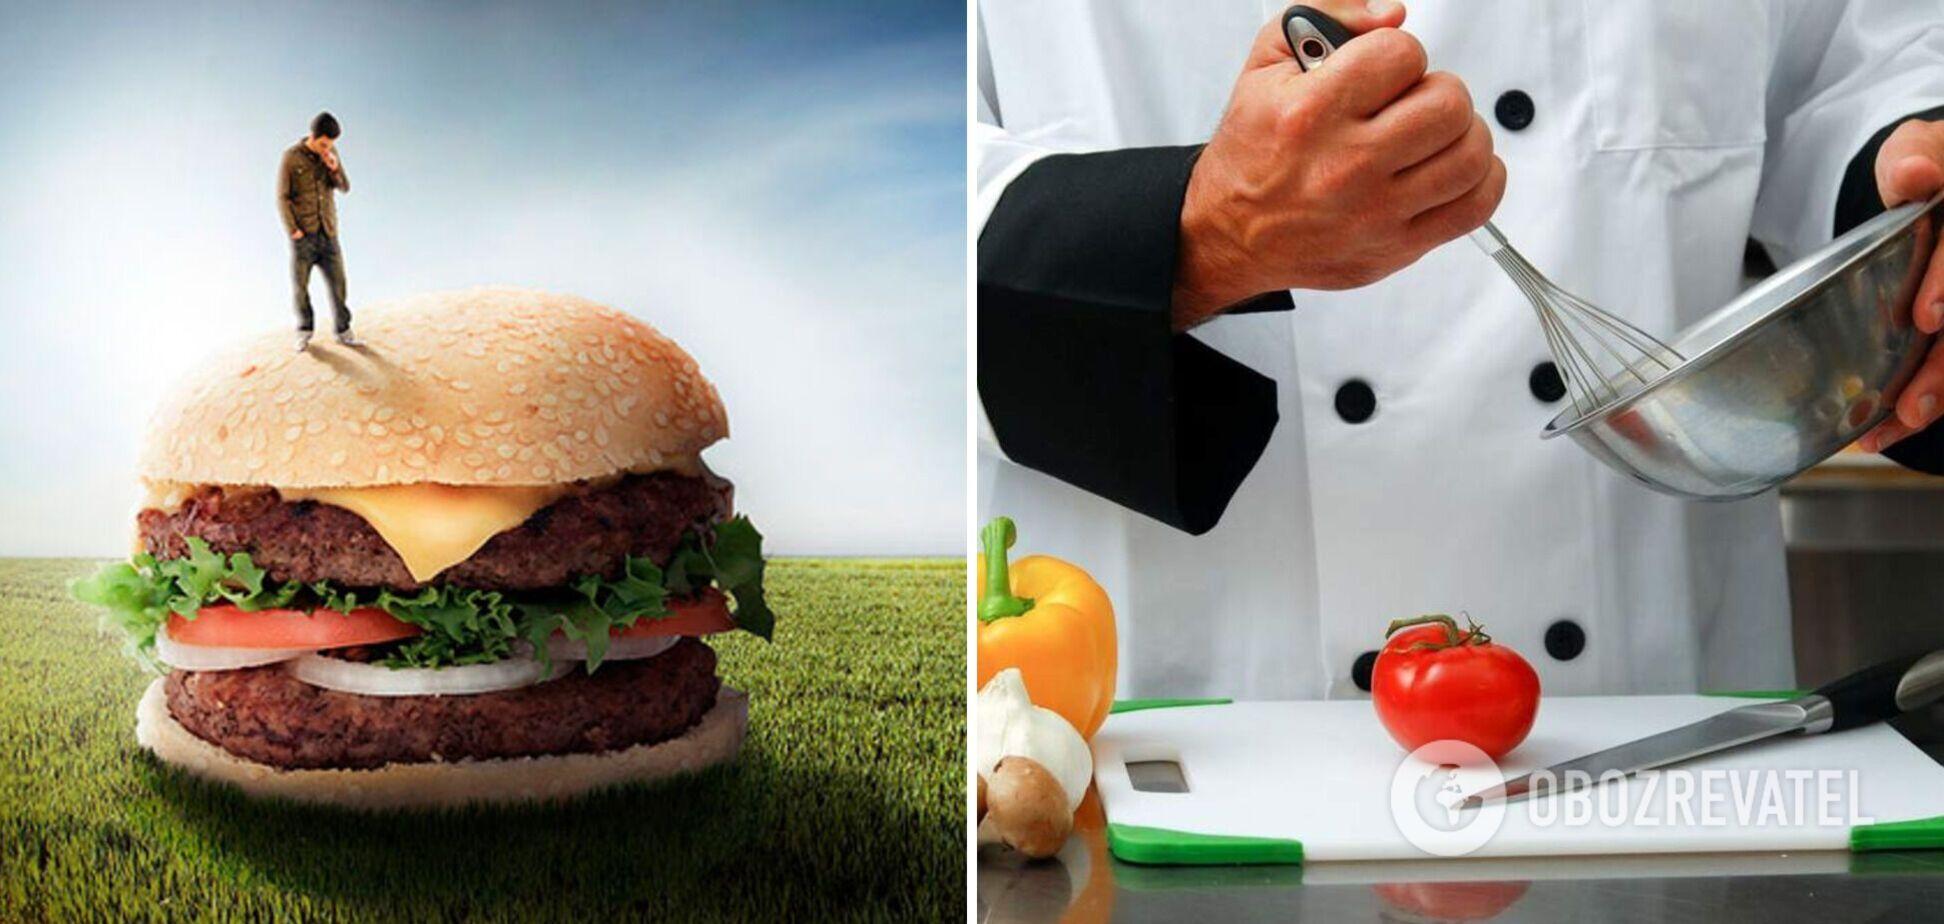 Сендвіч ногами і омлет за 25 секунд: неймовірні кулінарні рекорди